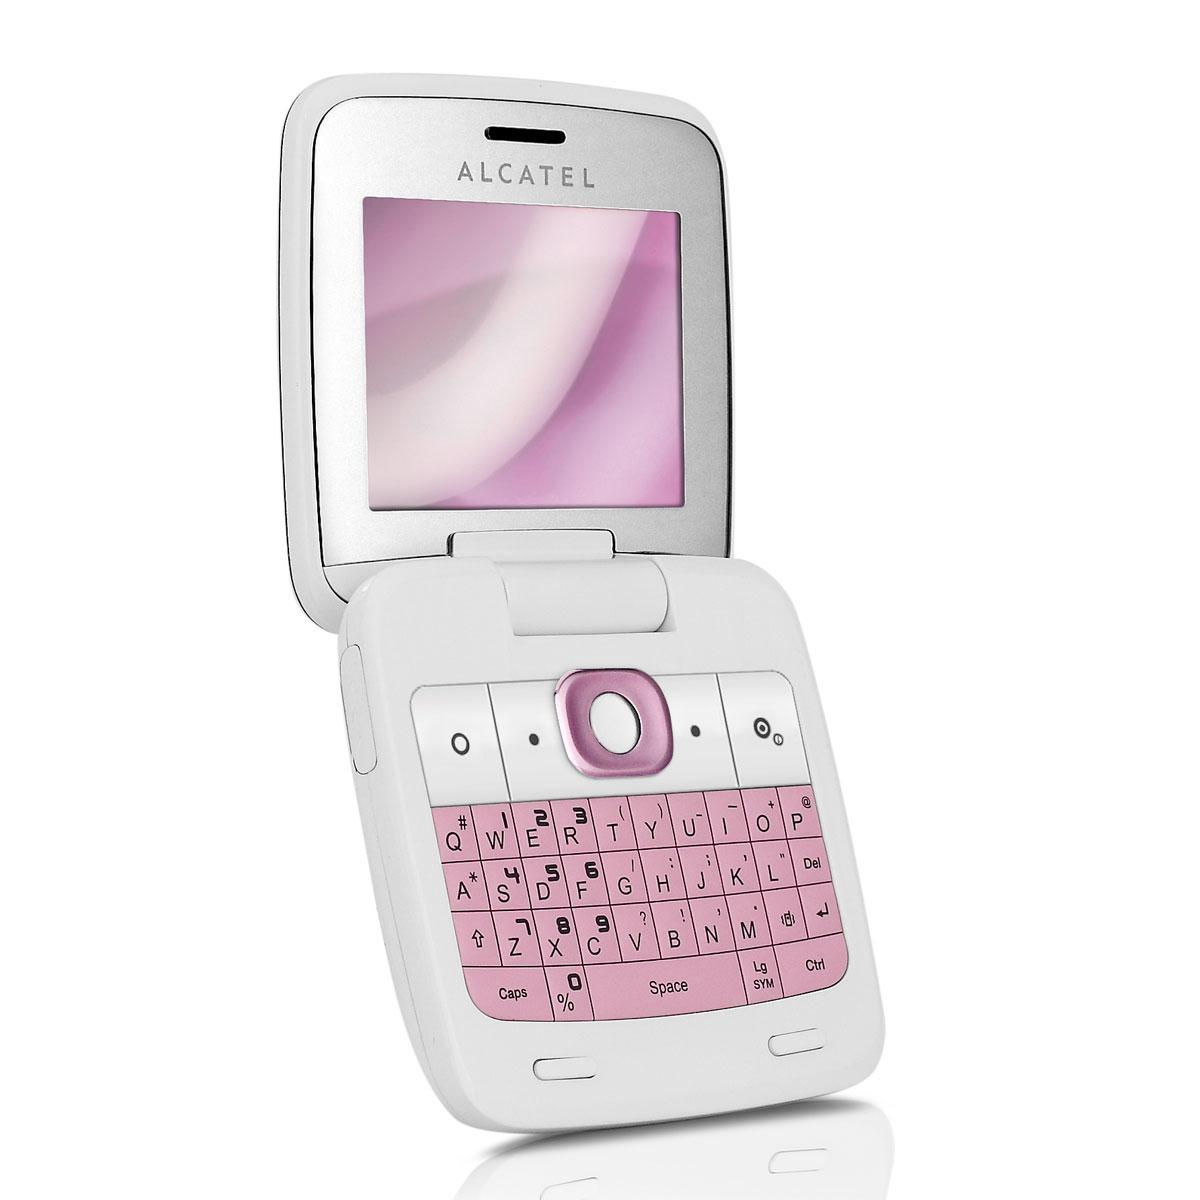 alcatel ot 808 blanc rose mobile smartphone alcatel sur. Black Bedroom Furniture Sets. Home Design Ideas